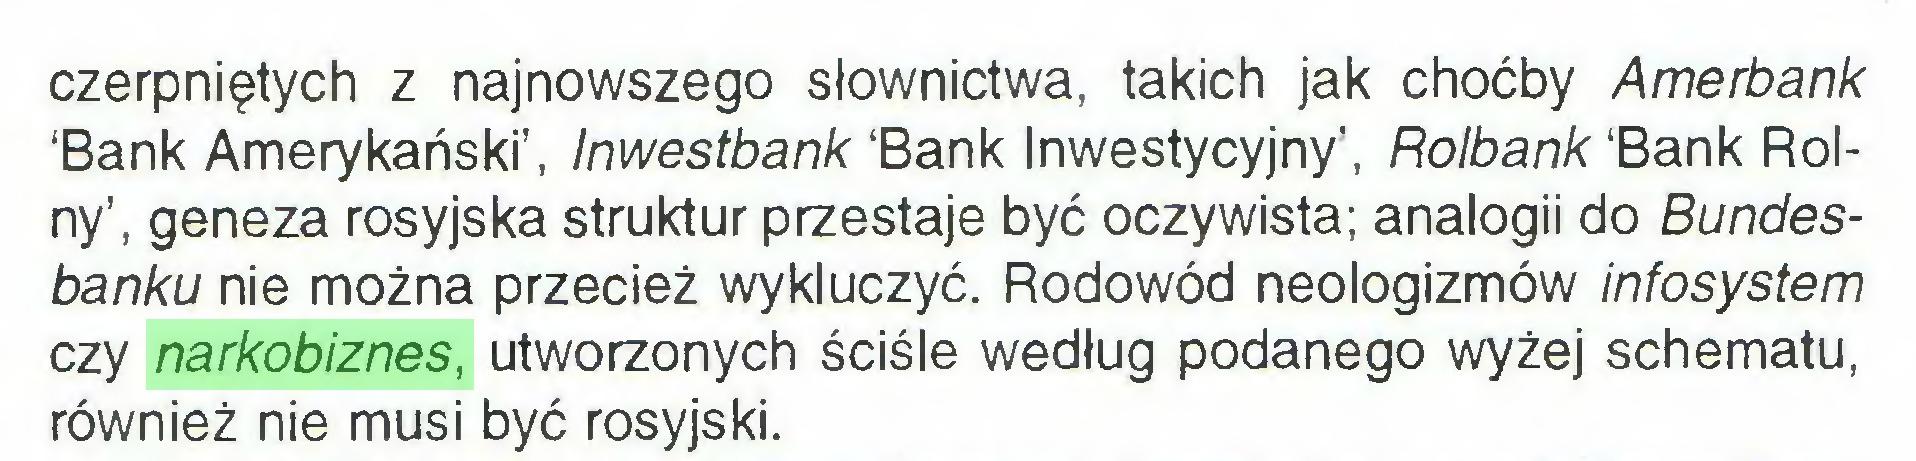 (...) czerpniętych z najnowszego słownictwa, takich jak choćby Amerbank 'Bank Amerykański', Inwestbank 'Bank Inwestycyjny', Rolbank 'Bank Rolny', geneza rosyjska struktur przestaje być oczywista; analogii do Bundesbanku nie można przecież wykluczyć. Rodowód neologizmów infosystem czy narkobiznes, utworzonych ściśle według podanego wyżej schematu, również nie musi być rosyjski...